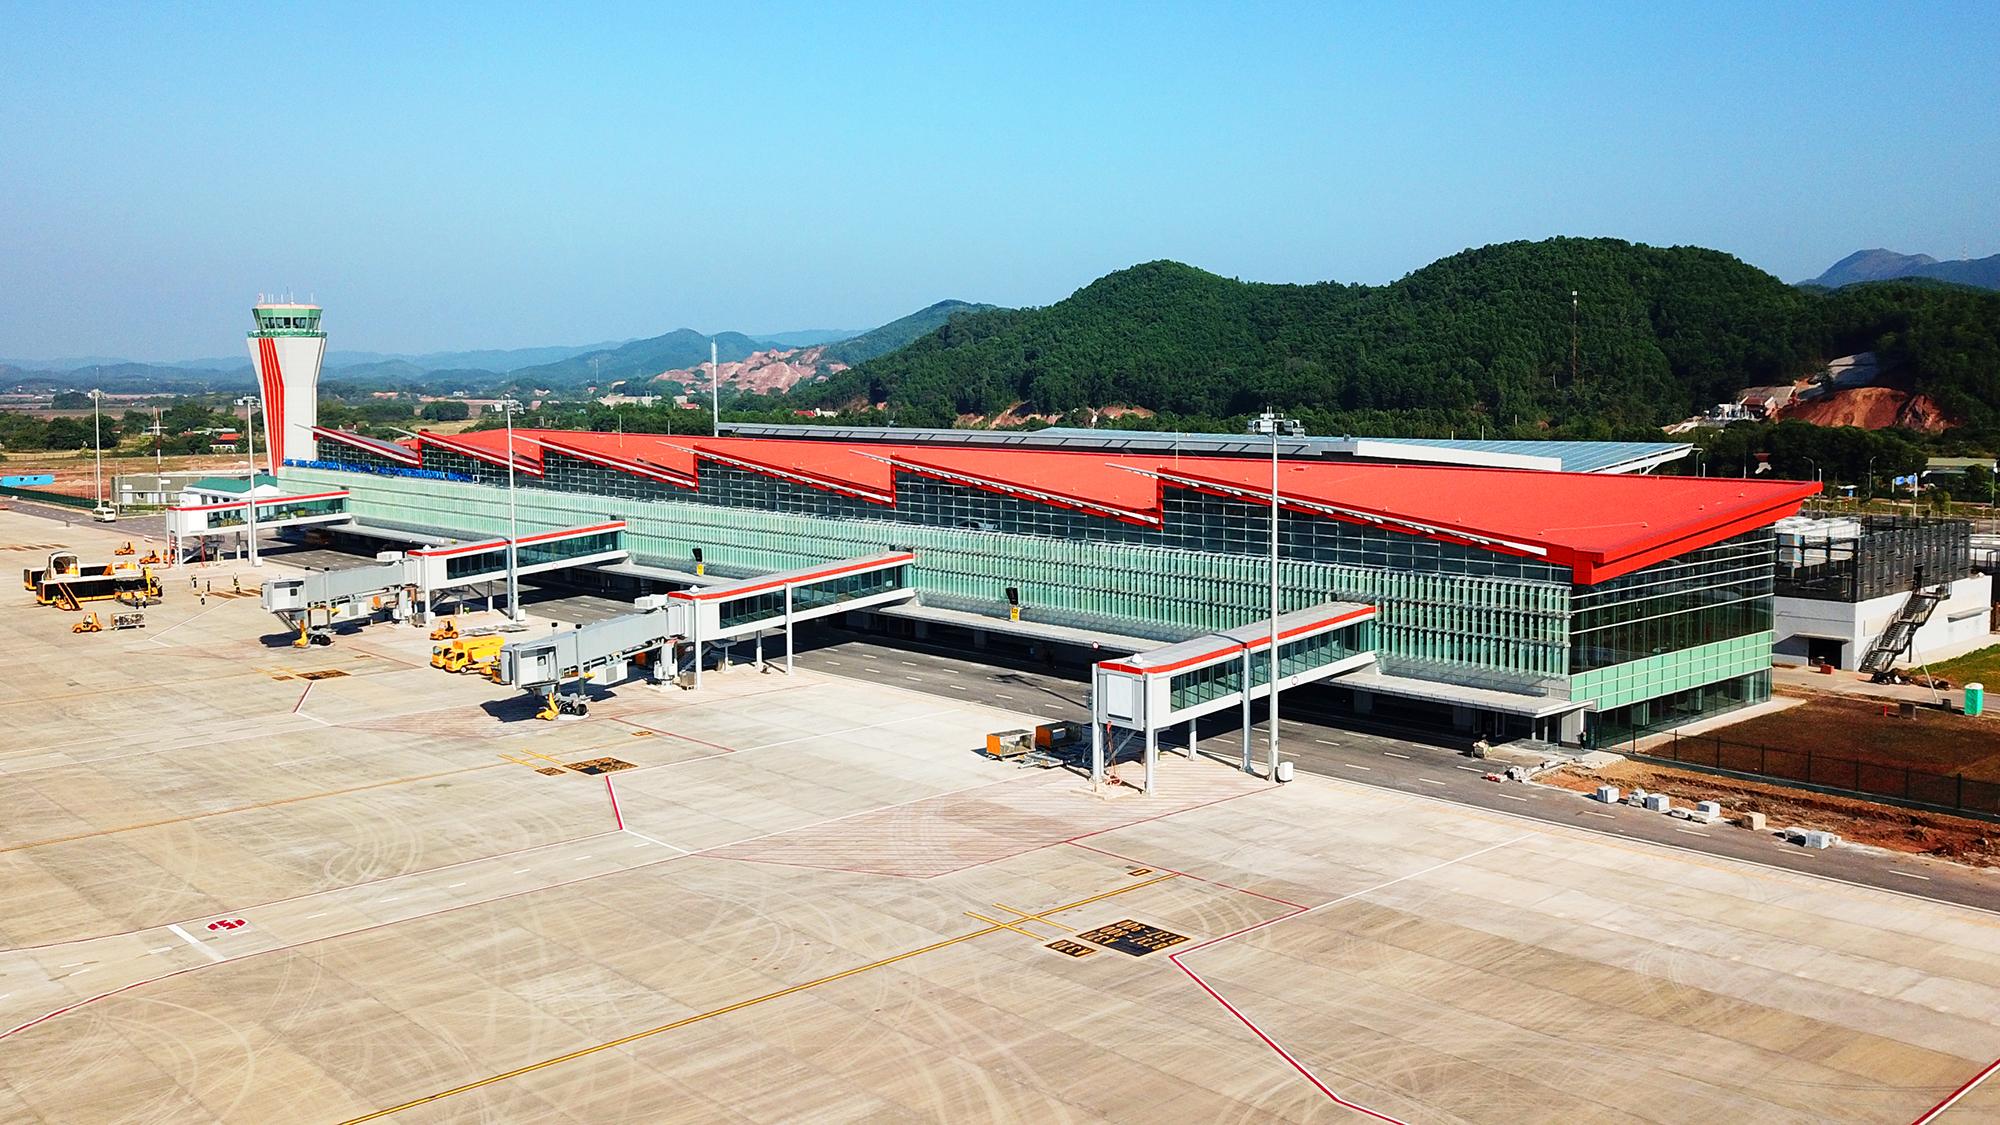 Du lịch miền Trung – Tây Nguyên: Áp lực lớn vì thiếu sân bay, cảng biển - Ảnh 3